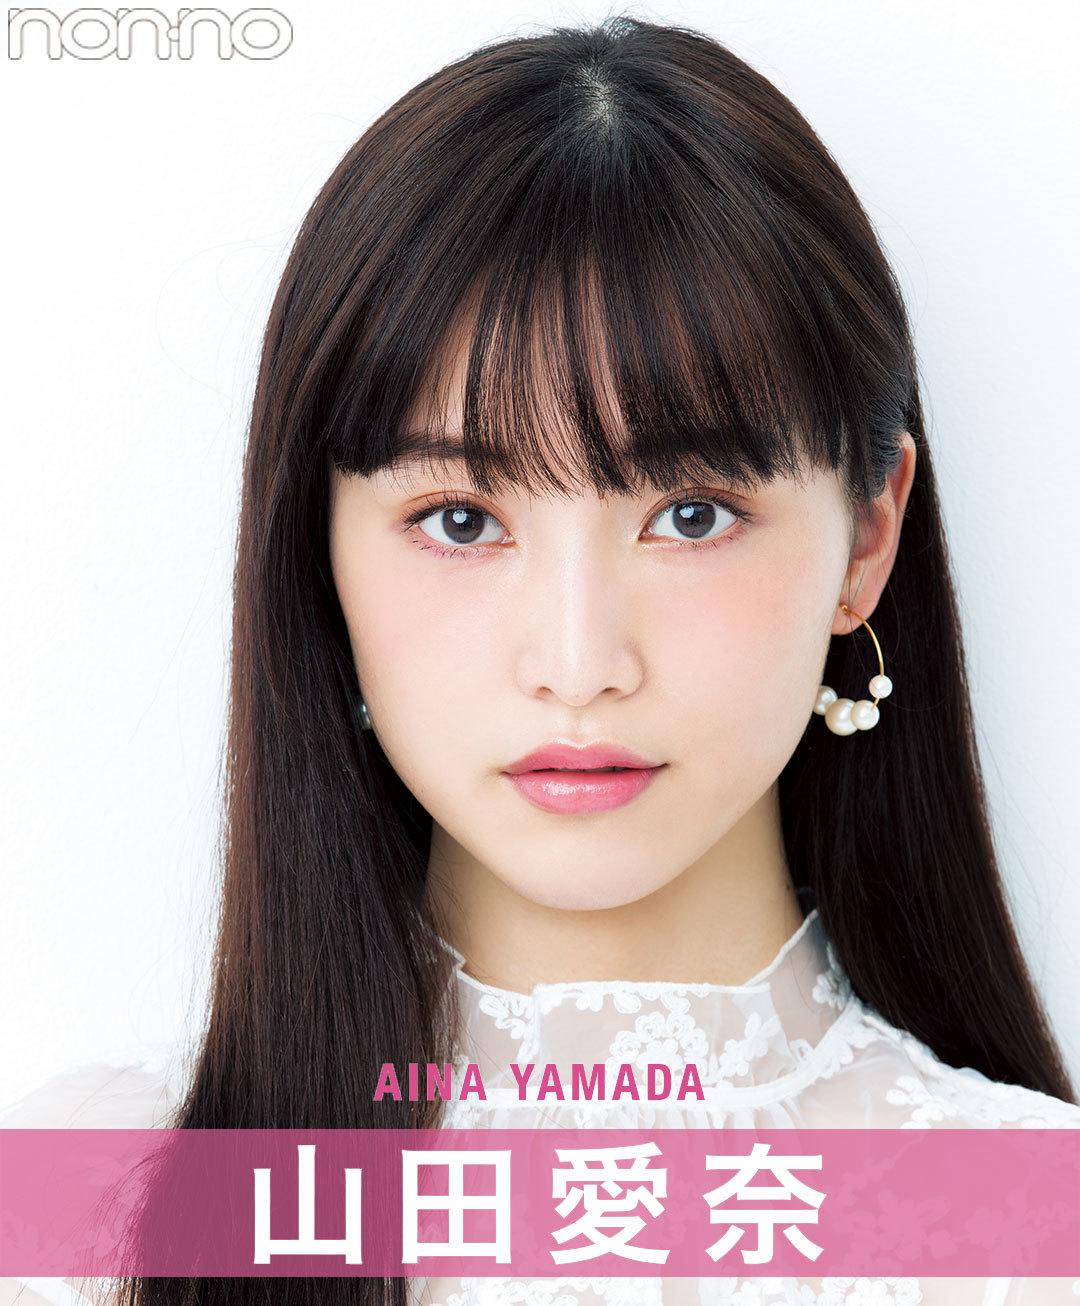 山田愛奈、新ノンノモデルになりました!_1_1